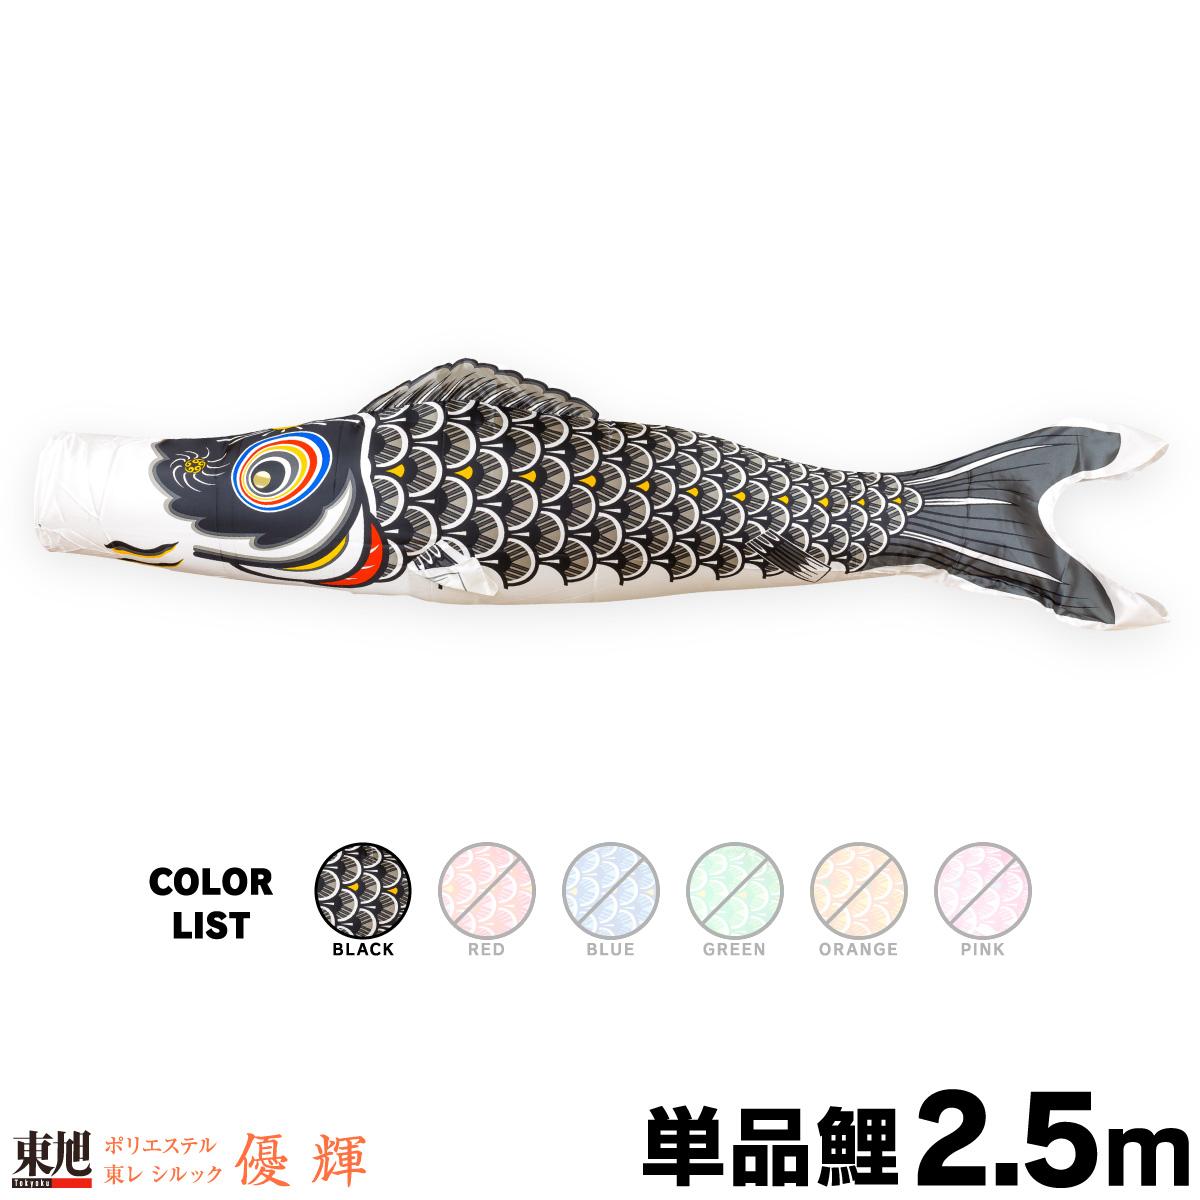 【こいのぼり 単品】 ポリエステル東レ シルック 優輝 2.5m 単品鯉